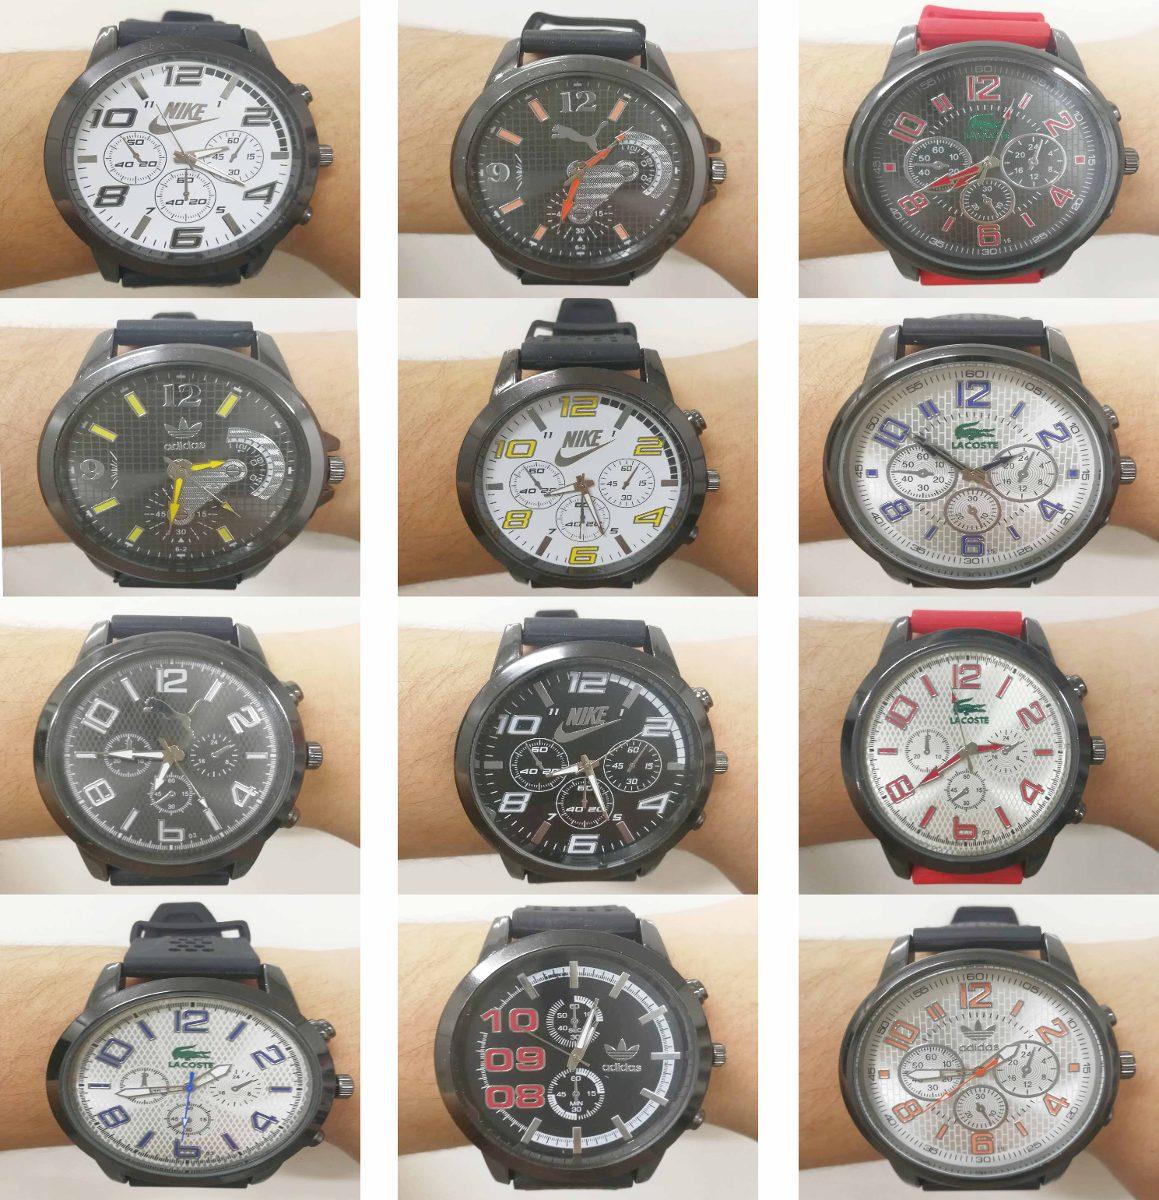 d608d35eb84 relógio masculino atacado kit10 marcas varias frete grátis. Carregando zoom.